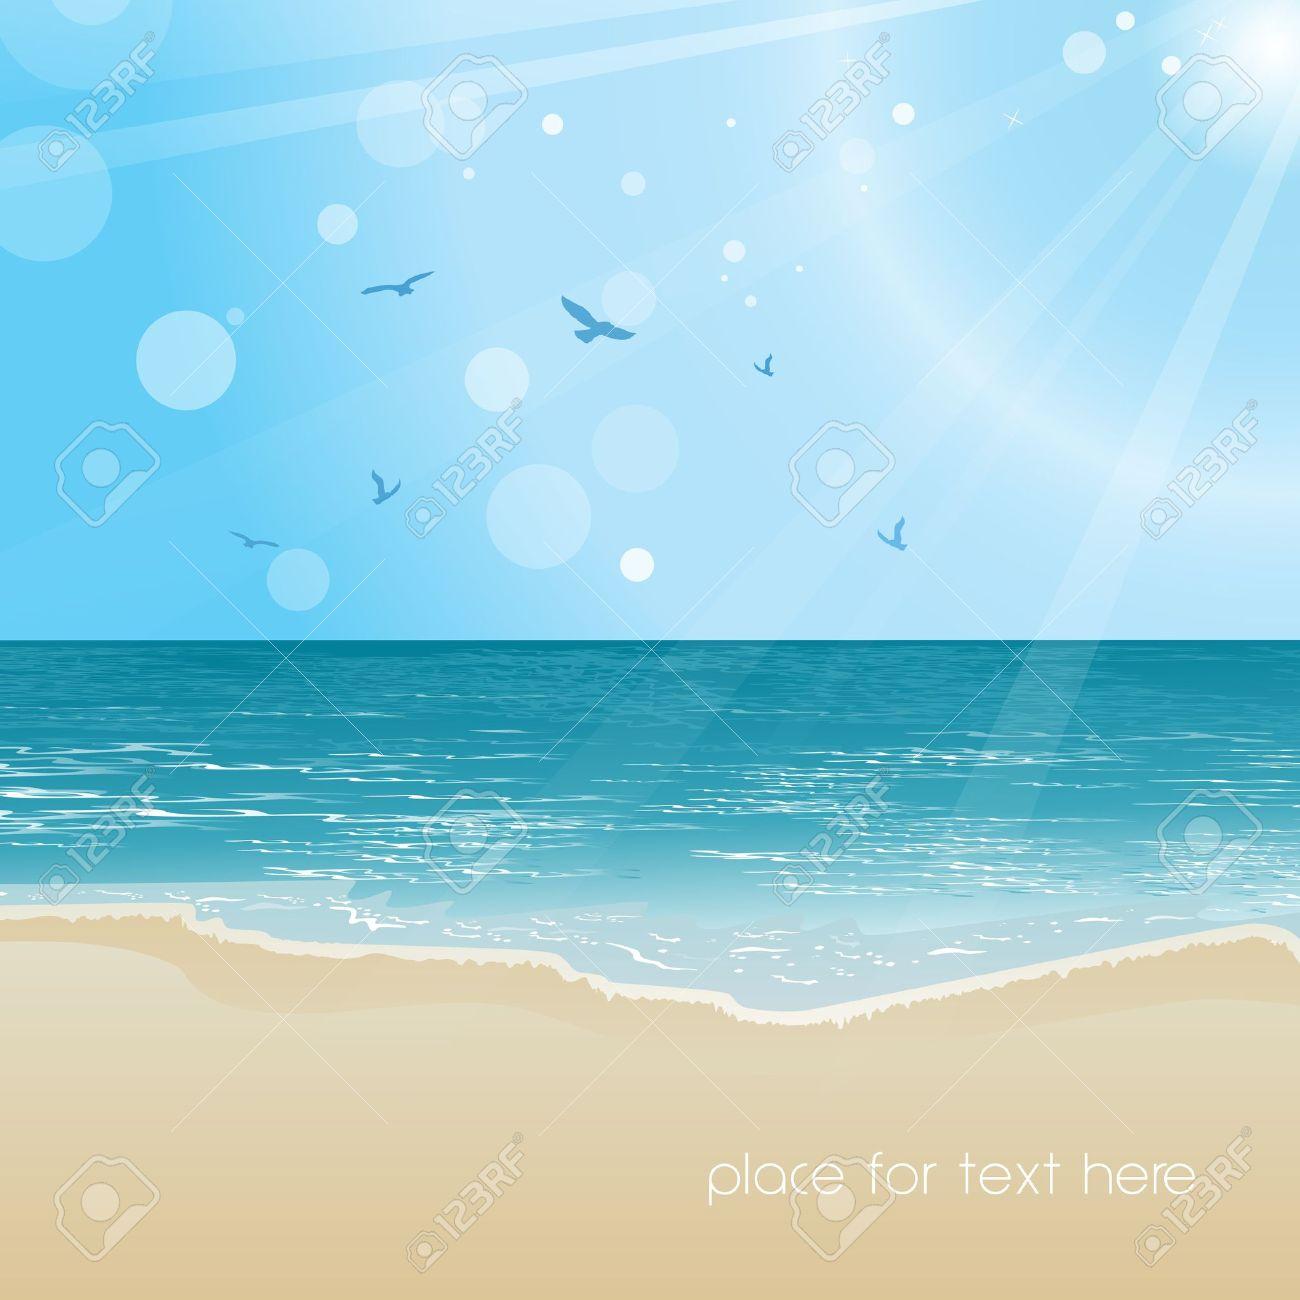 美しい海のビーチと空の背景イラスト ロイヤリティフリークリップアート